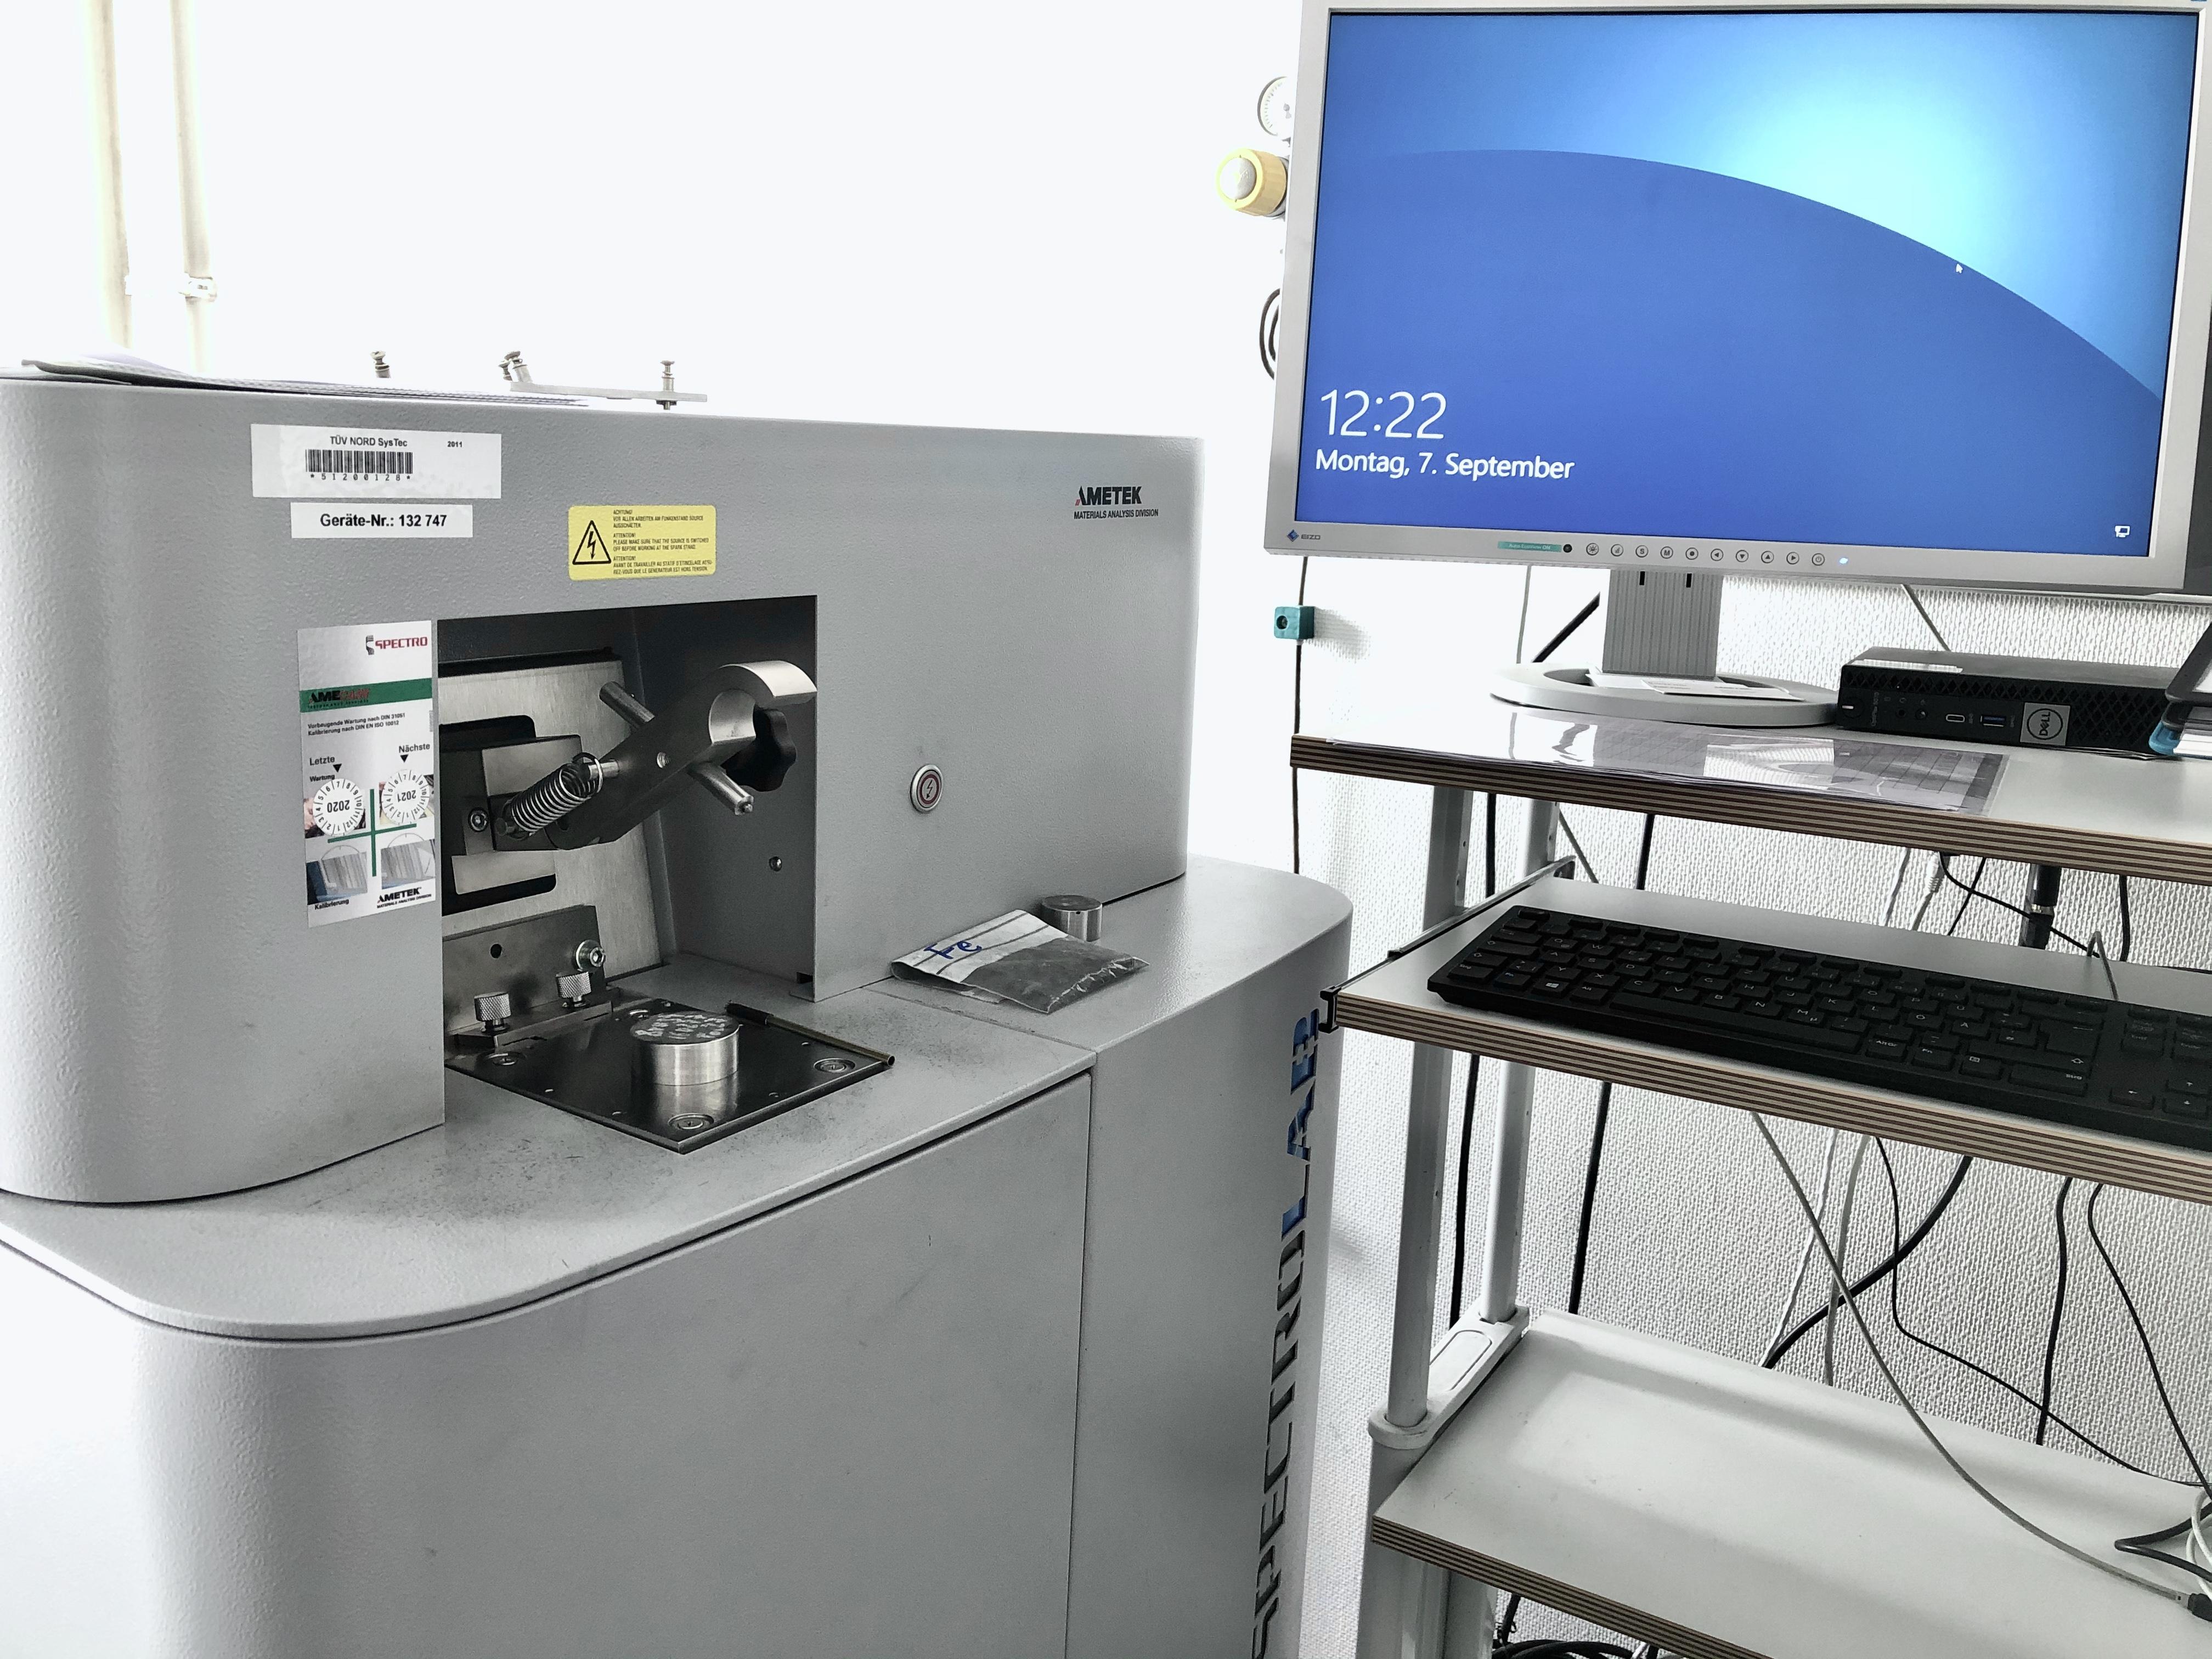 Werkstoffanalyse - Chemische Zusammensetzung